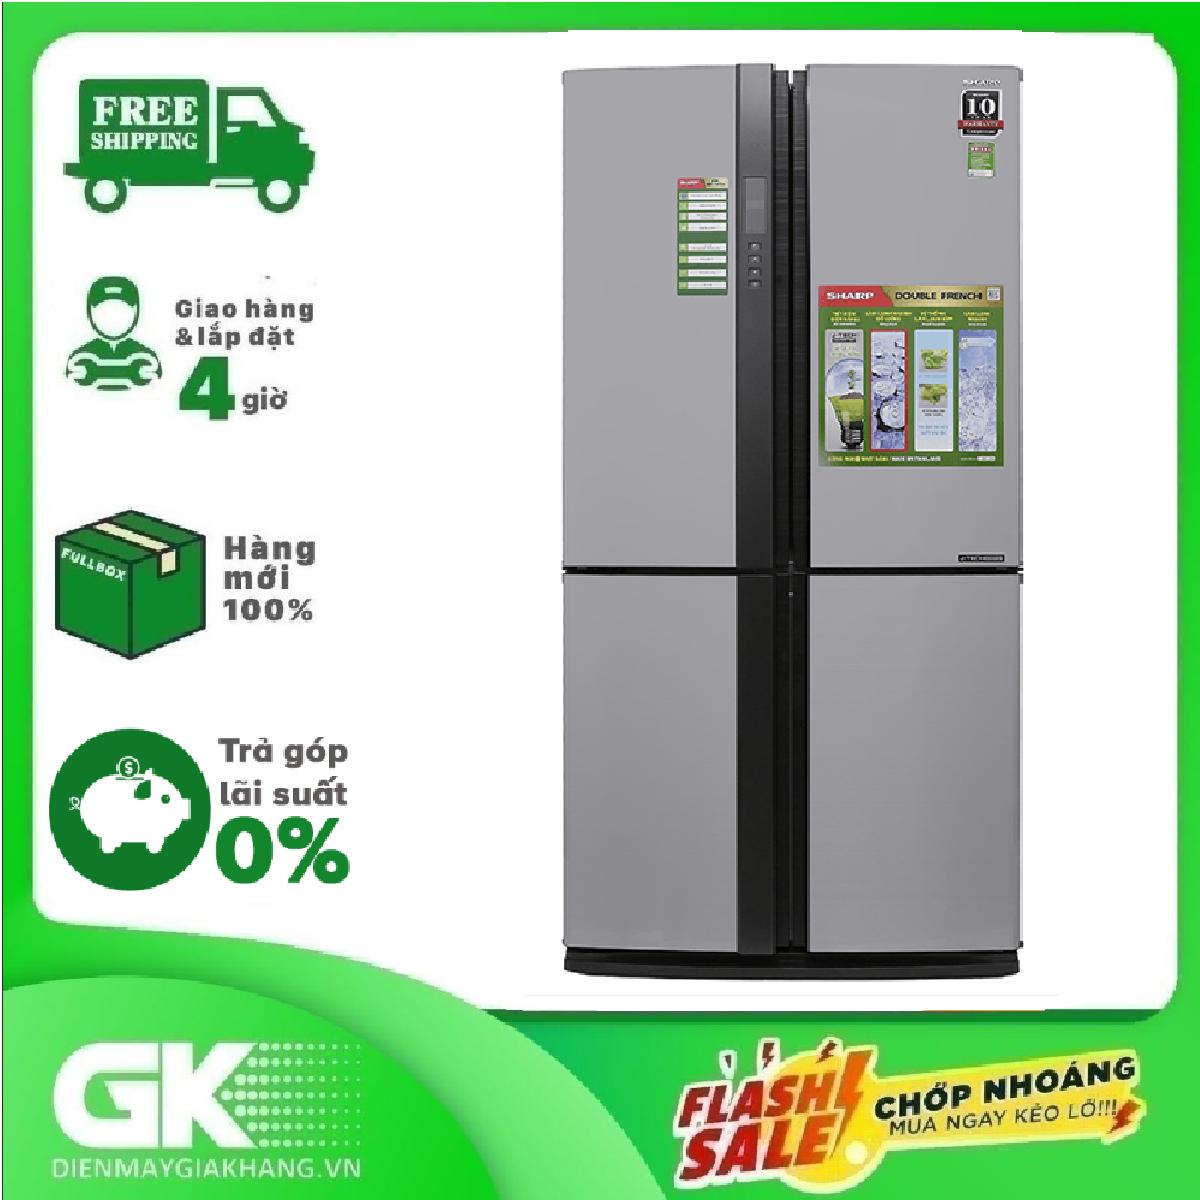 TRẢ GÓP 0% – TRẢ GÓP 0% – Tủ lạnh Sharp side by side Inverter 556 lít SJ-FX630V-ST – Hàng mới 100% nguyên đai nguyên kiện – Bảo hành 12 tháng